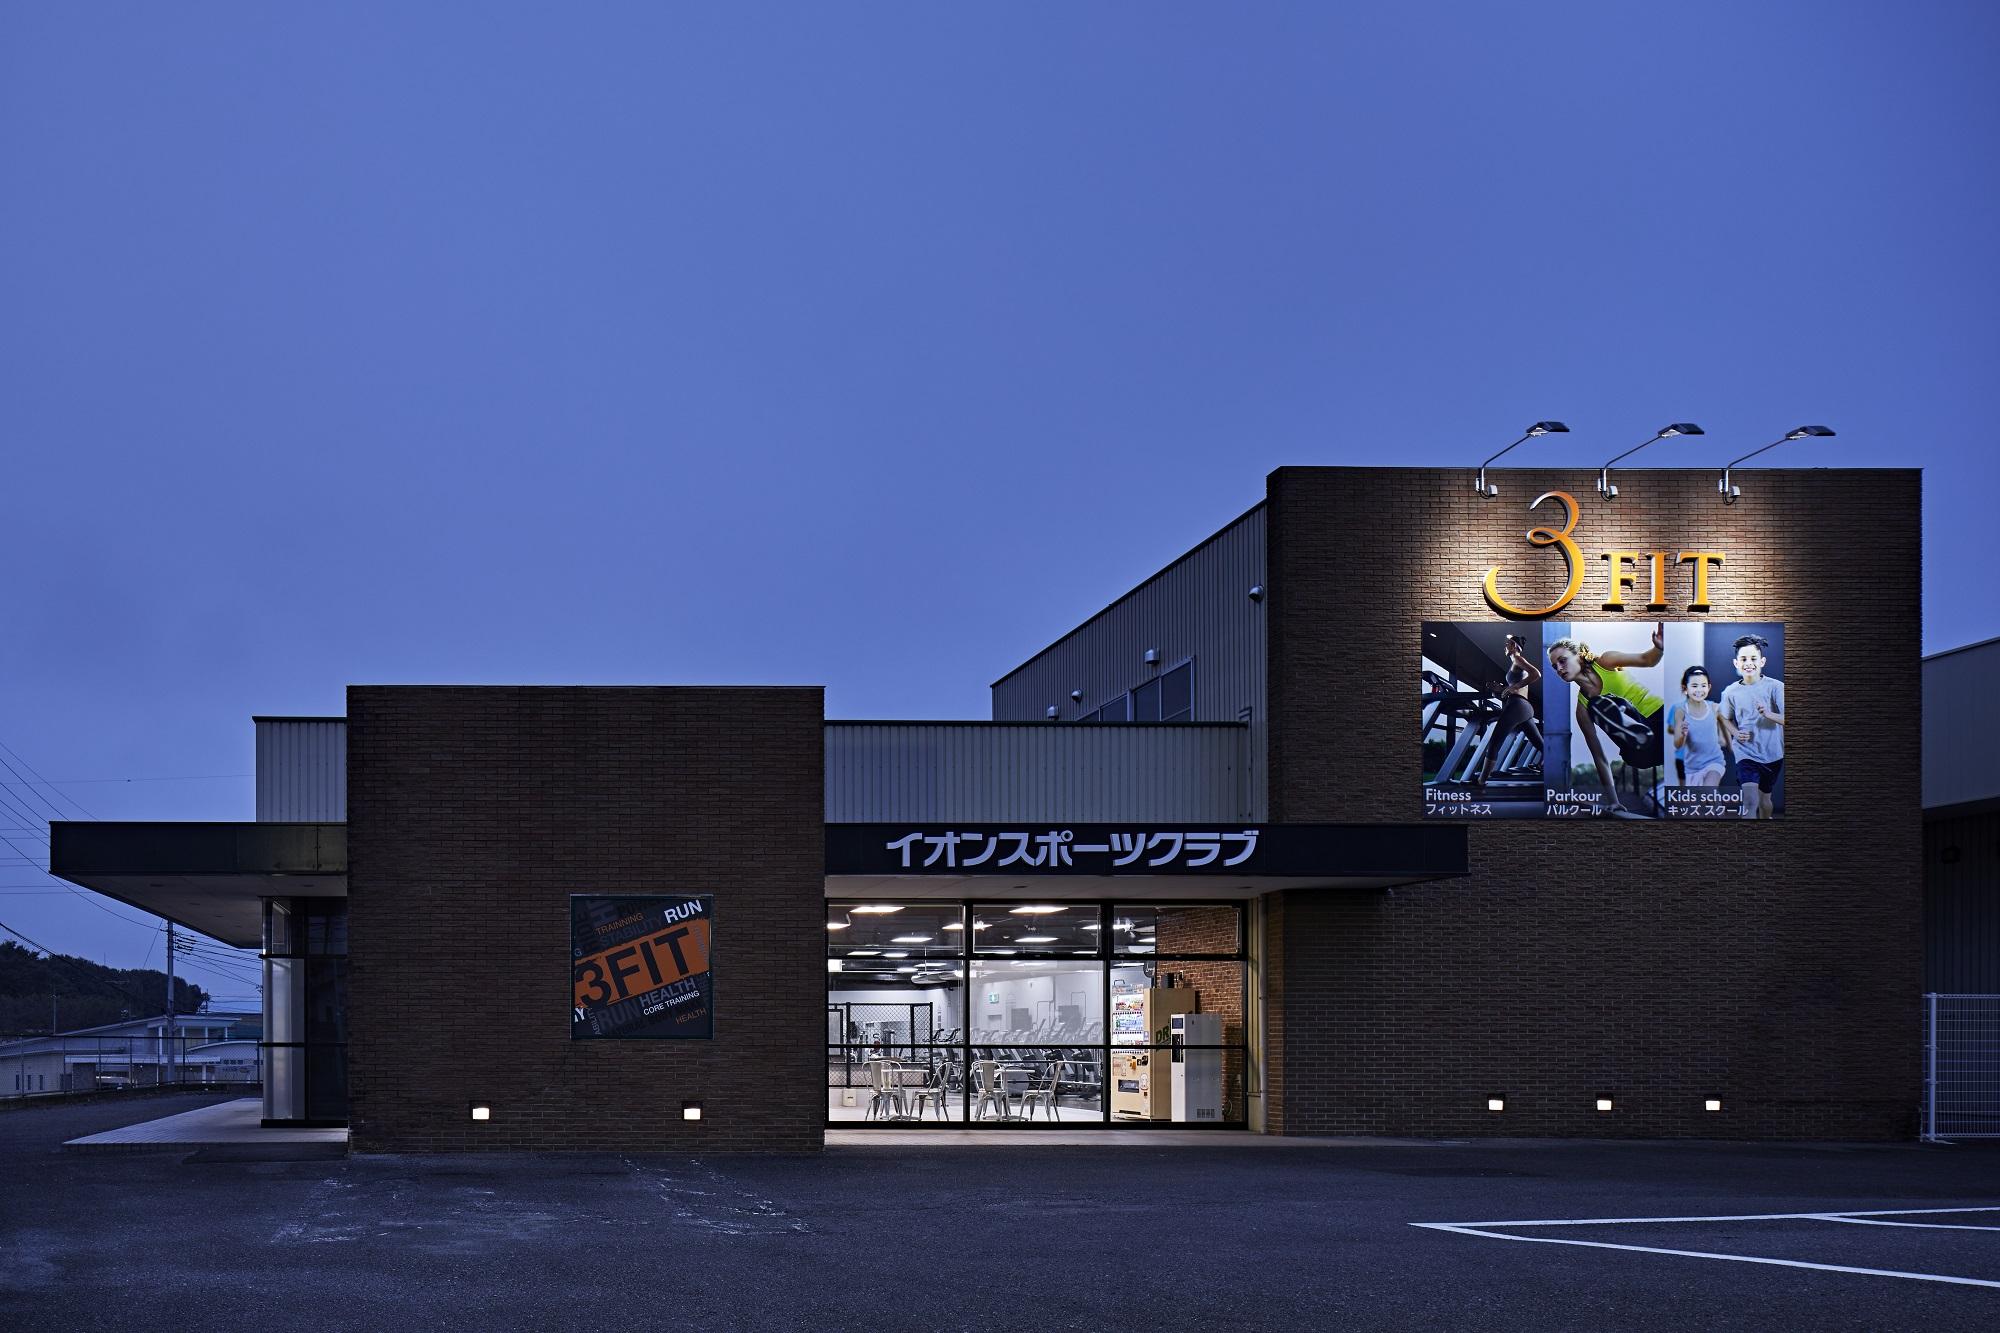 イオンスポーツクラブ3FIT 小山店